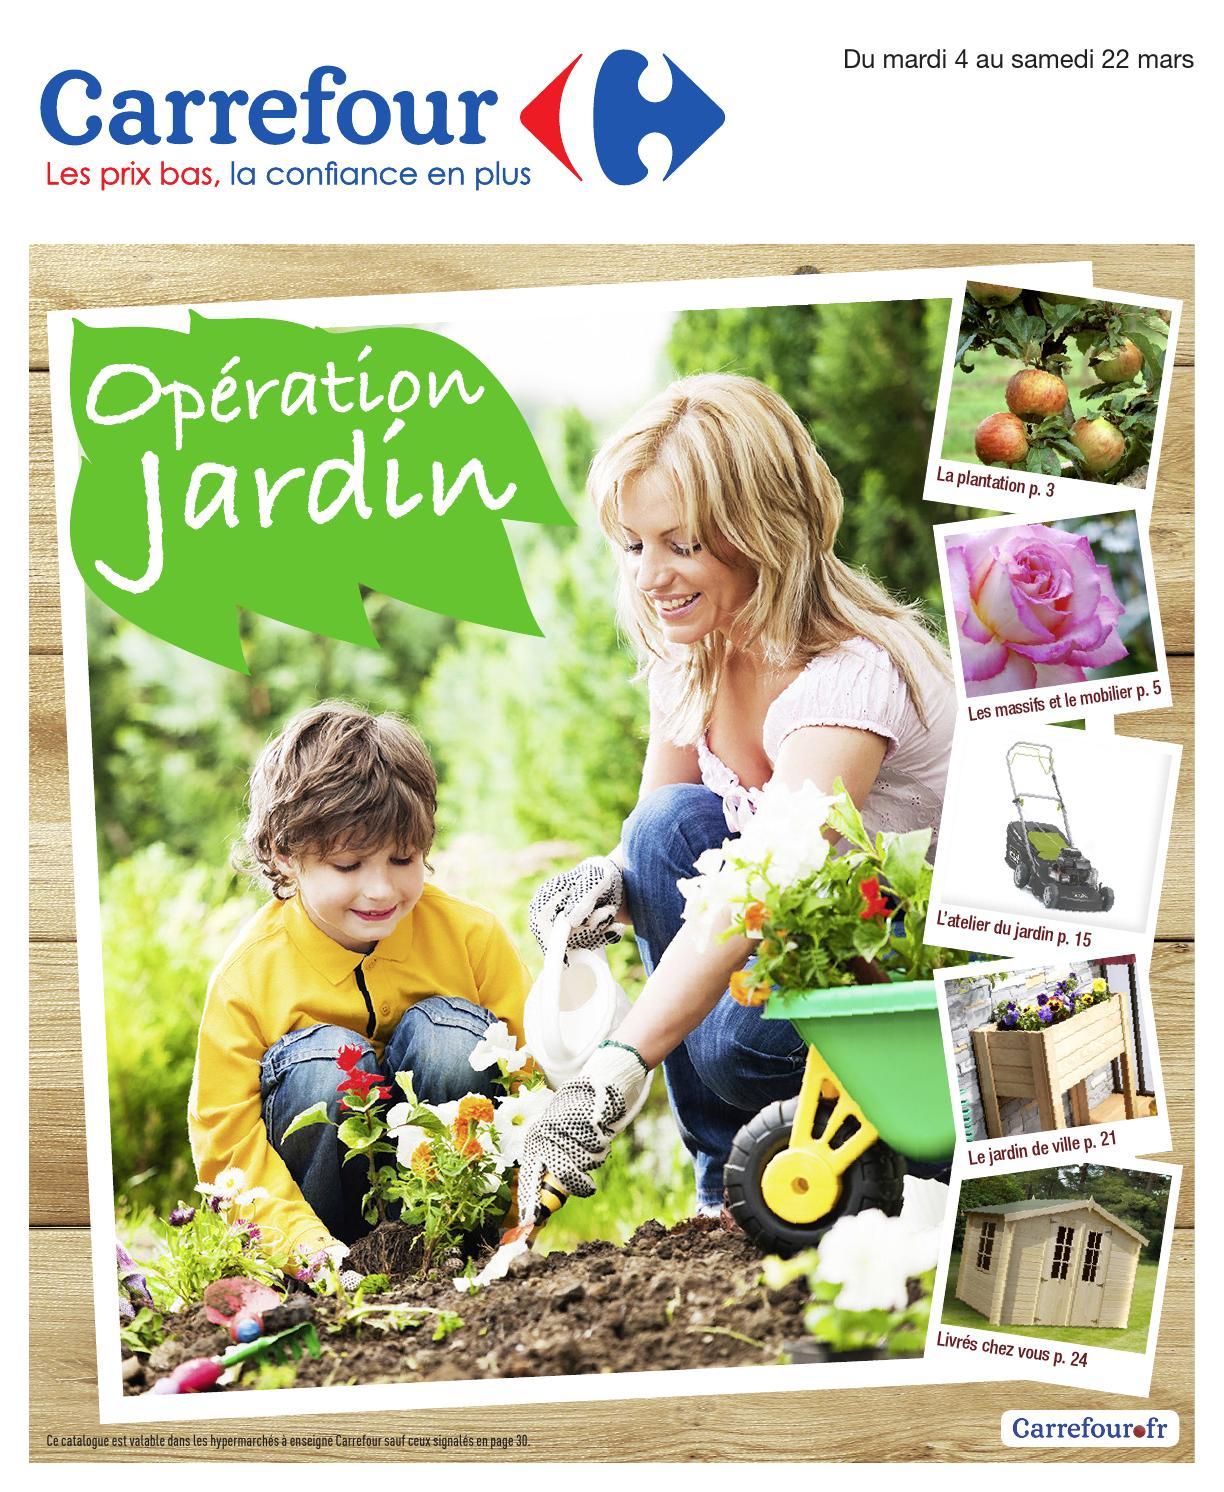 Catalogue Carrefour - 4-22.03.2014 By Joe Monroe - Issuu dedans Tonnelle De Jardin Pas Cher Carrefour